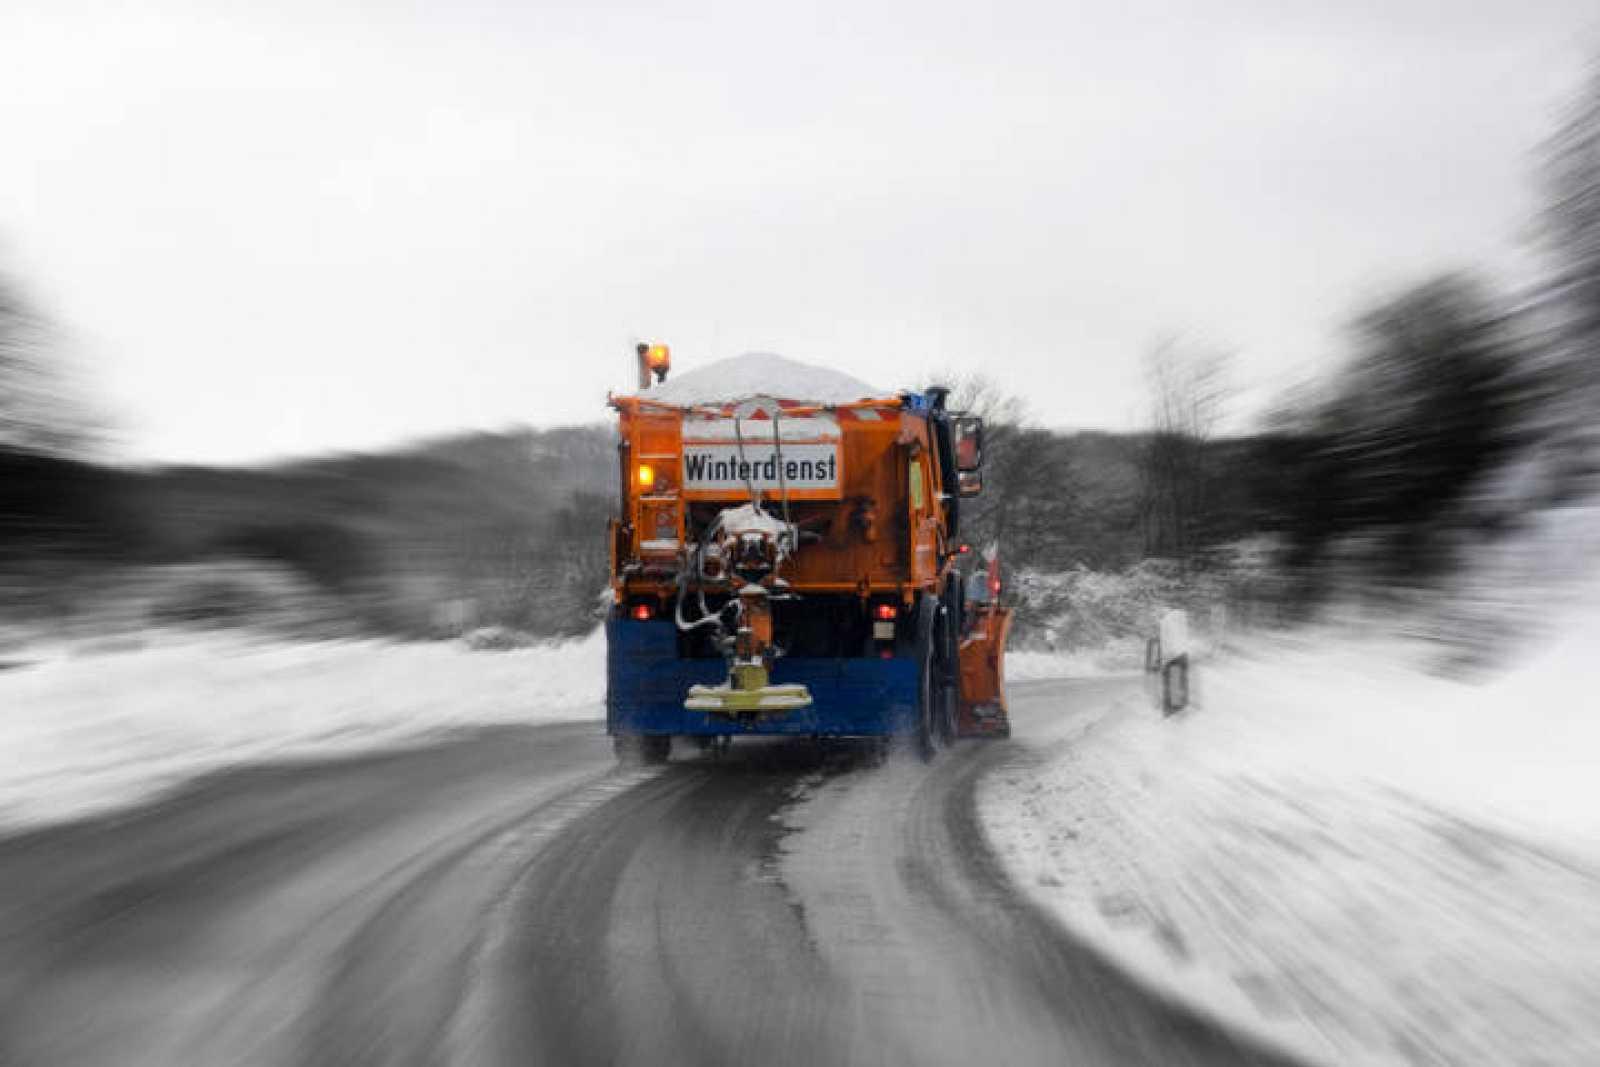 La mezcla de agua con sal se congela a los -21ºC y permite mantener las carreteras sin nieve